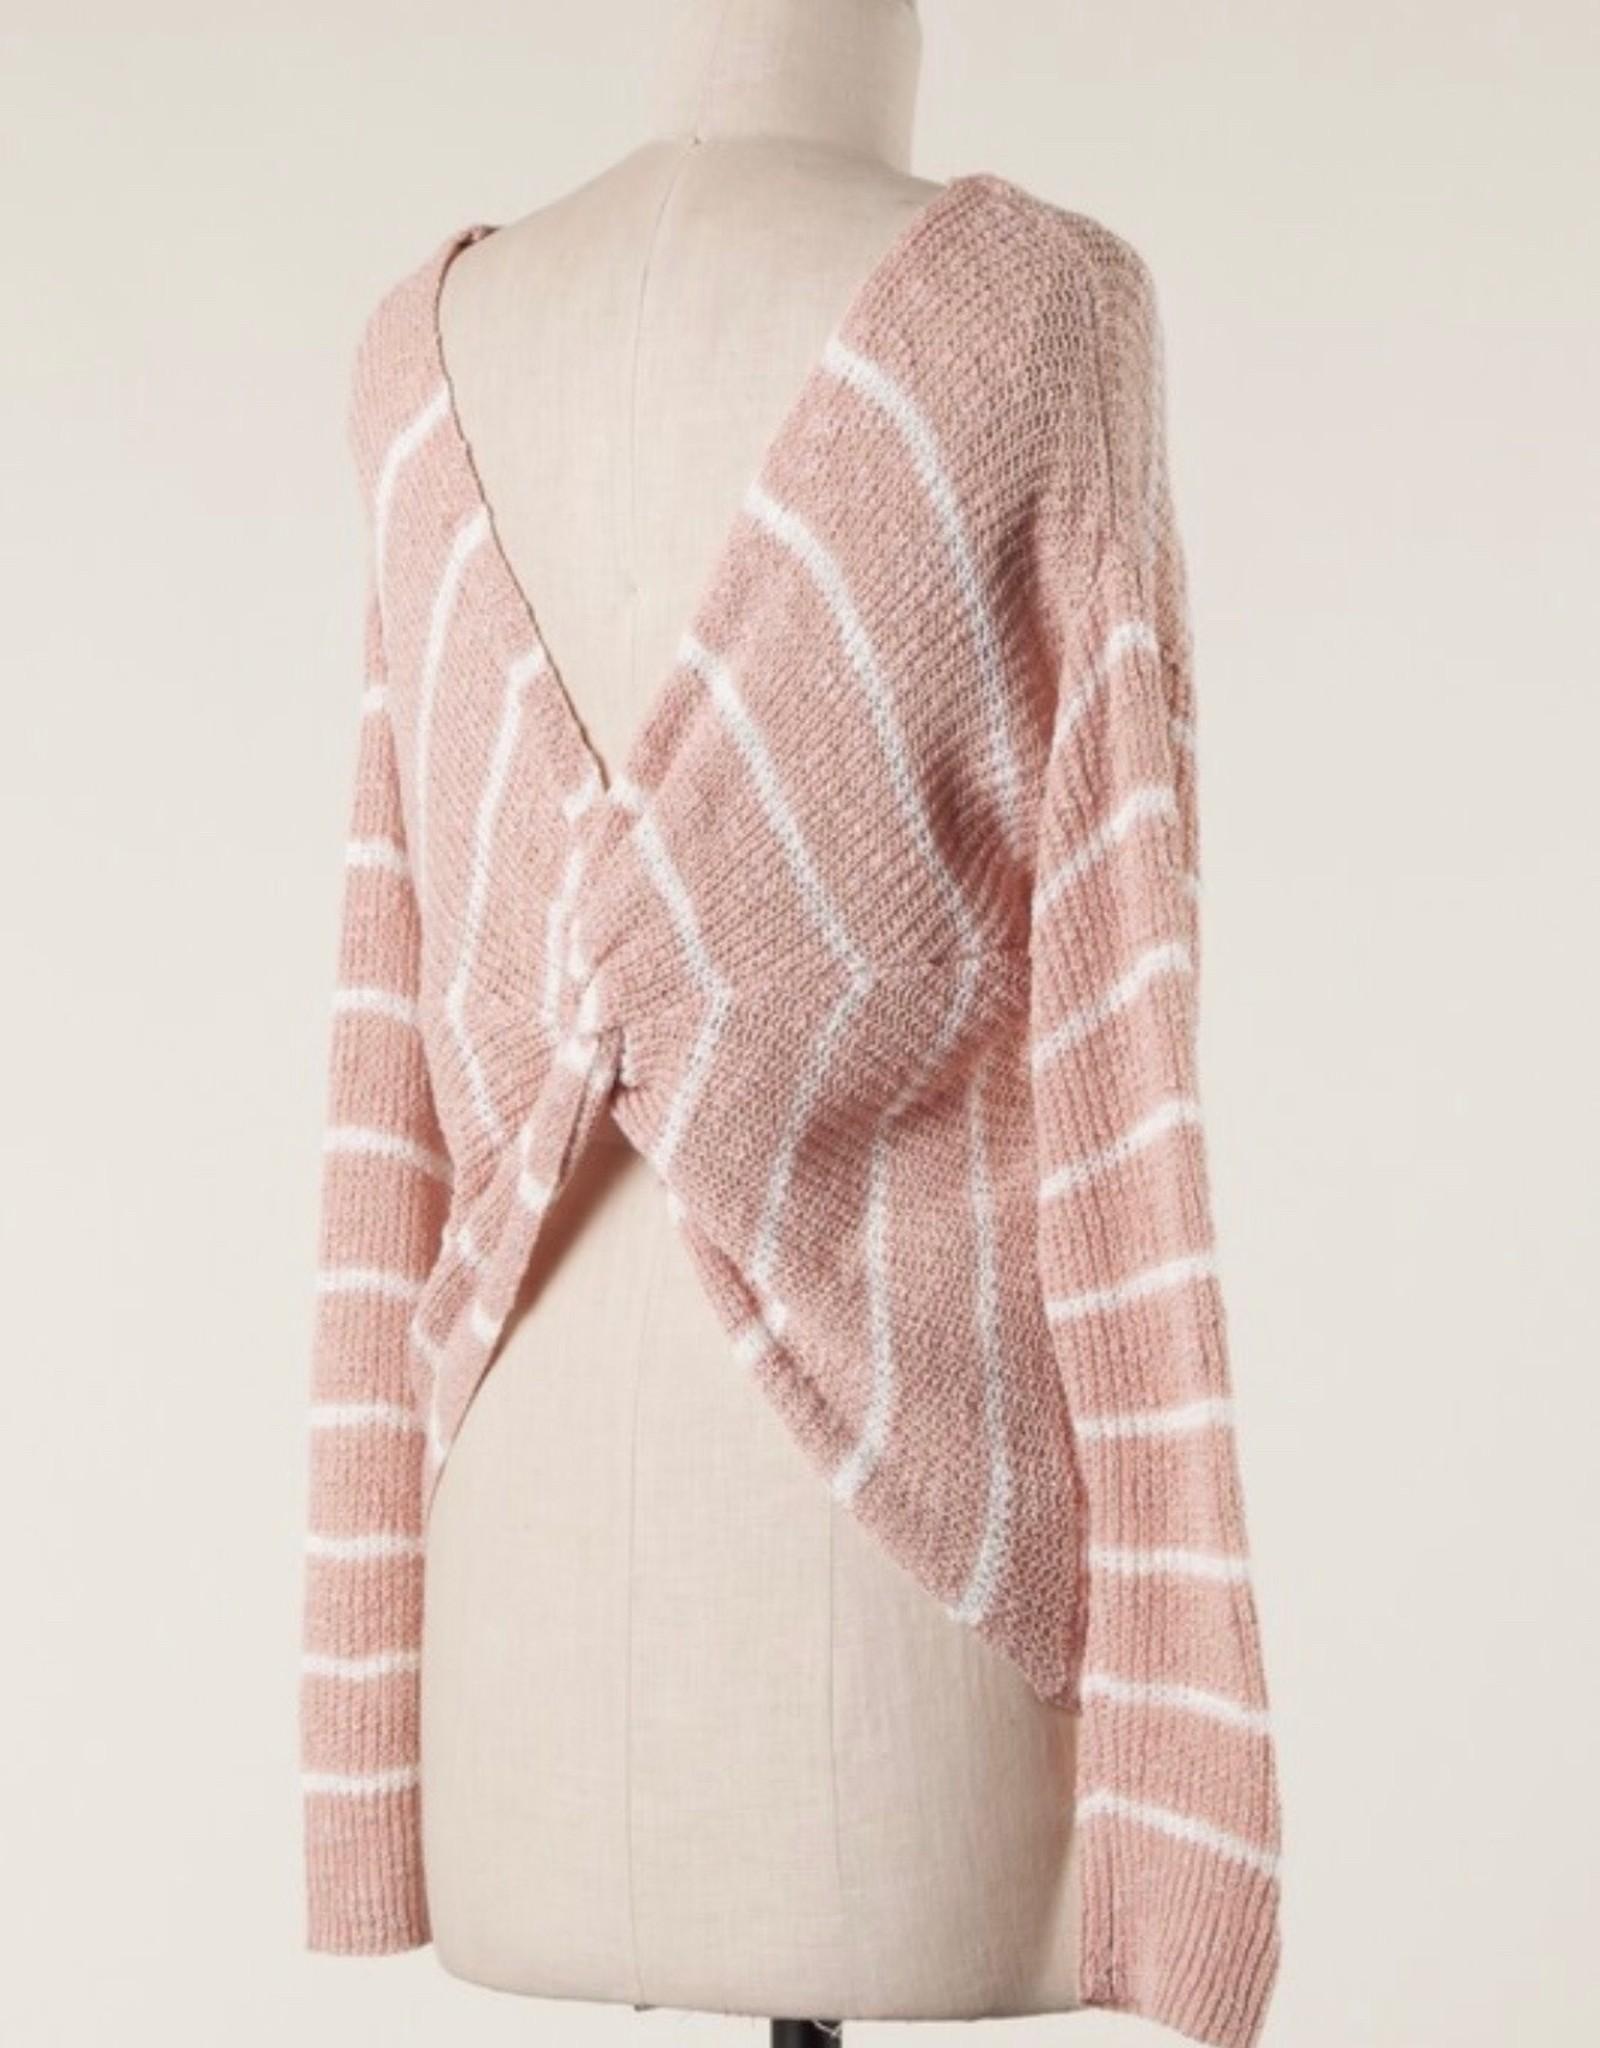 LATA Knot Back Sweater